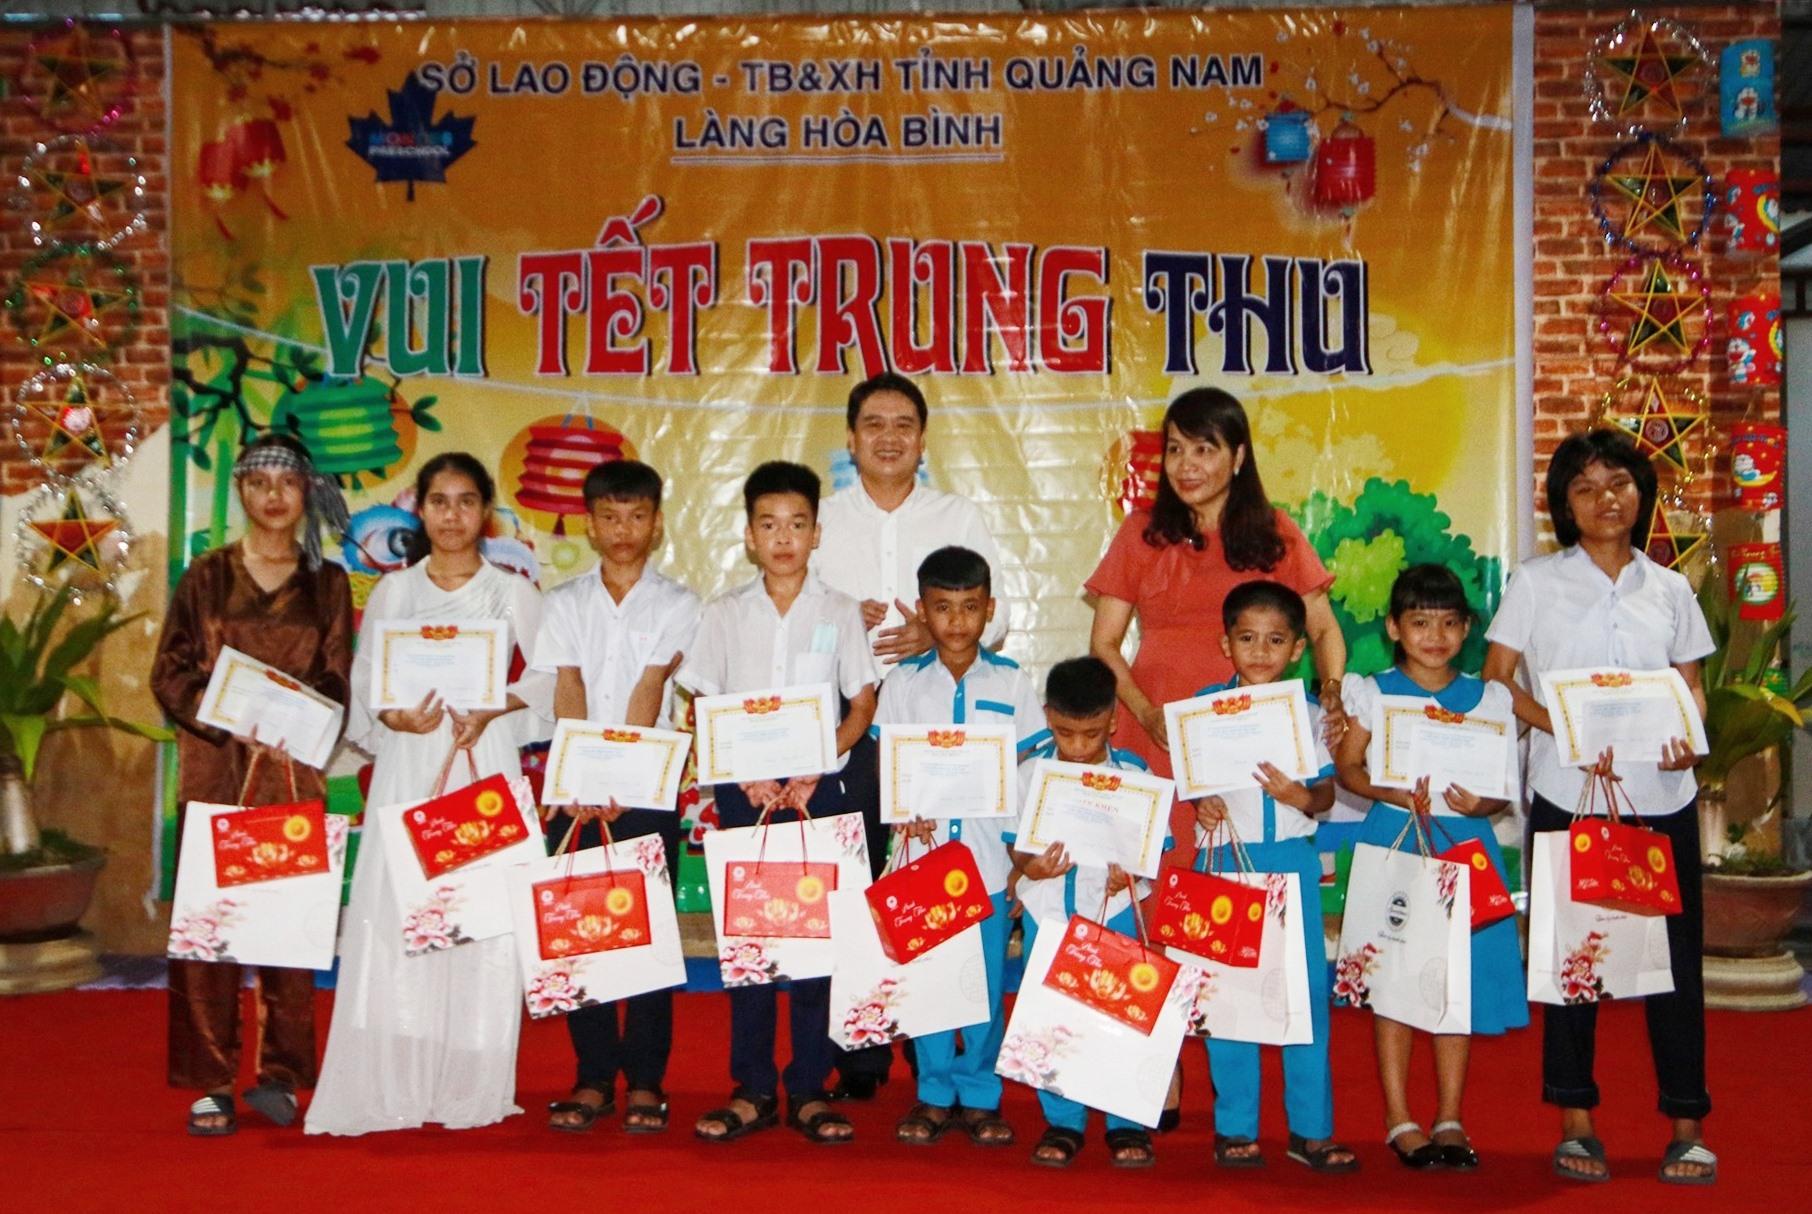 Phó Chủ tịch UBND tỉnh Trần Văn Tân và đại diện lãnh đạo Sở Lao động - Thương binh và Xã hội tỉnh tặng quà cho các em nhỏ có thành tích học tập xuất sắc. Ảnh: T.C